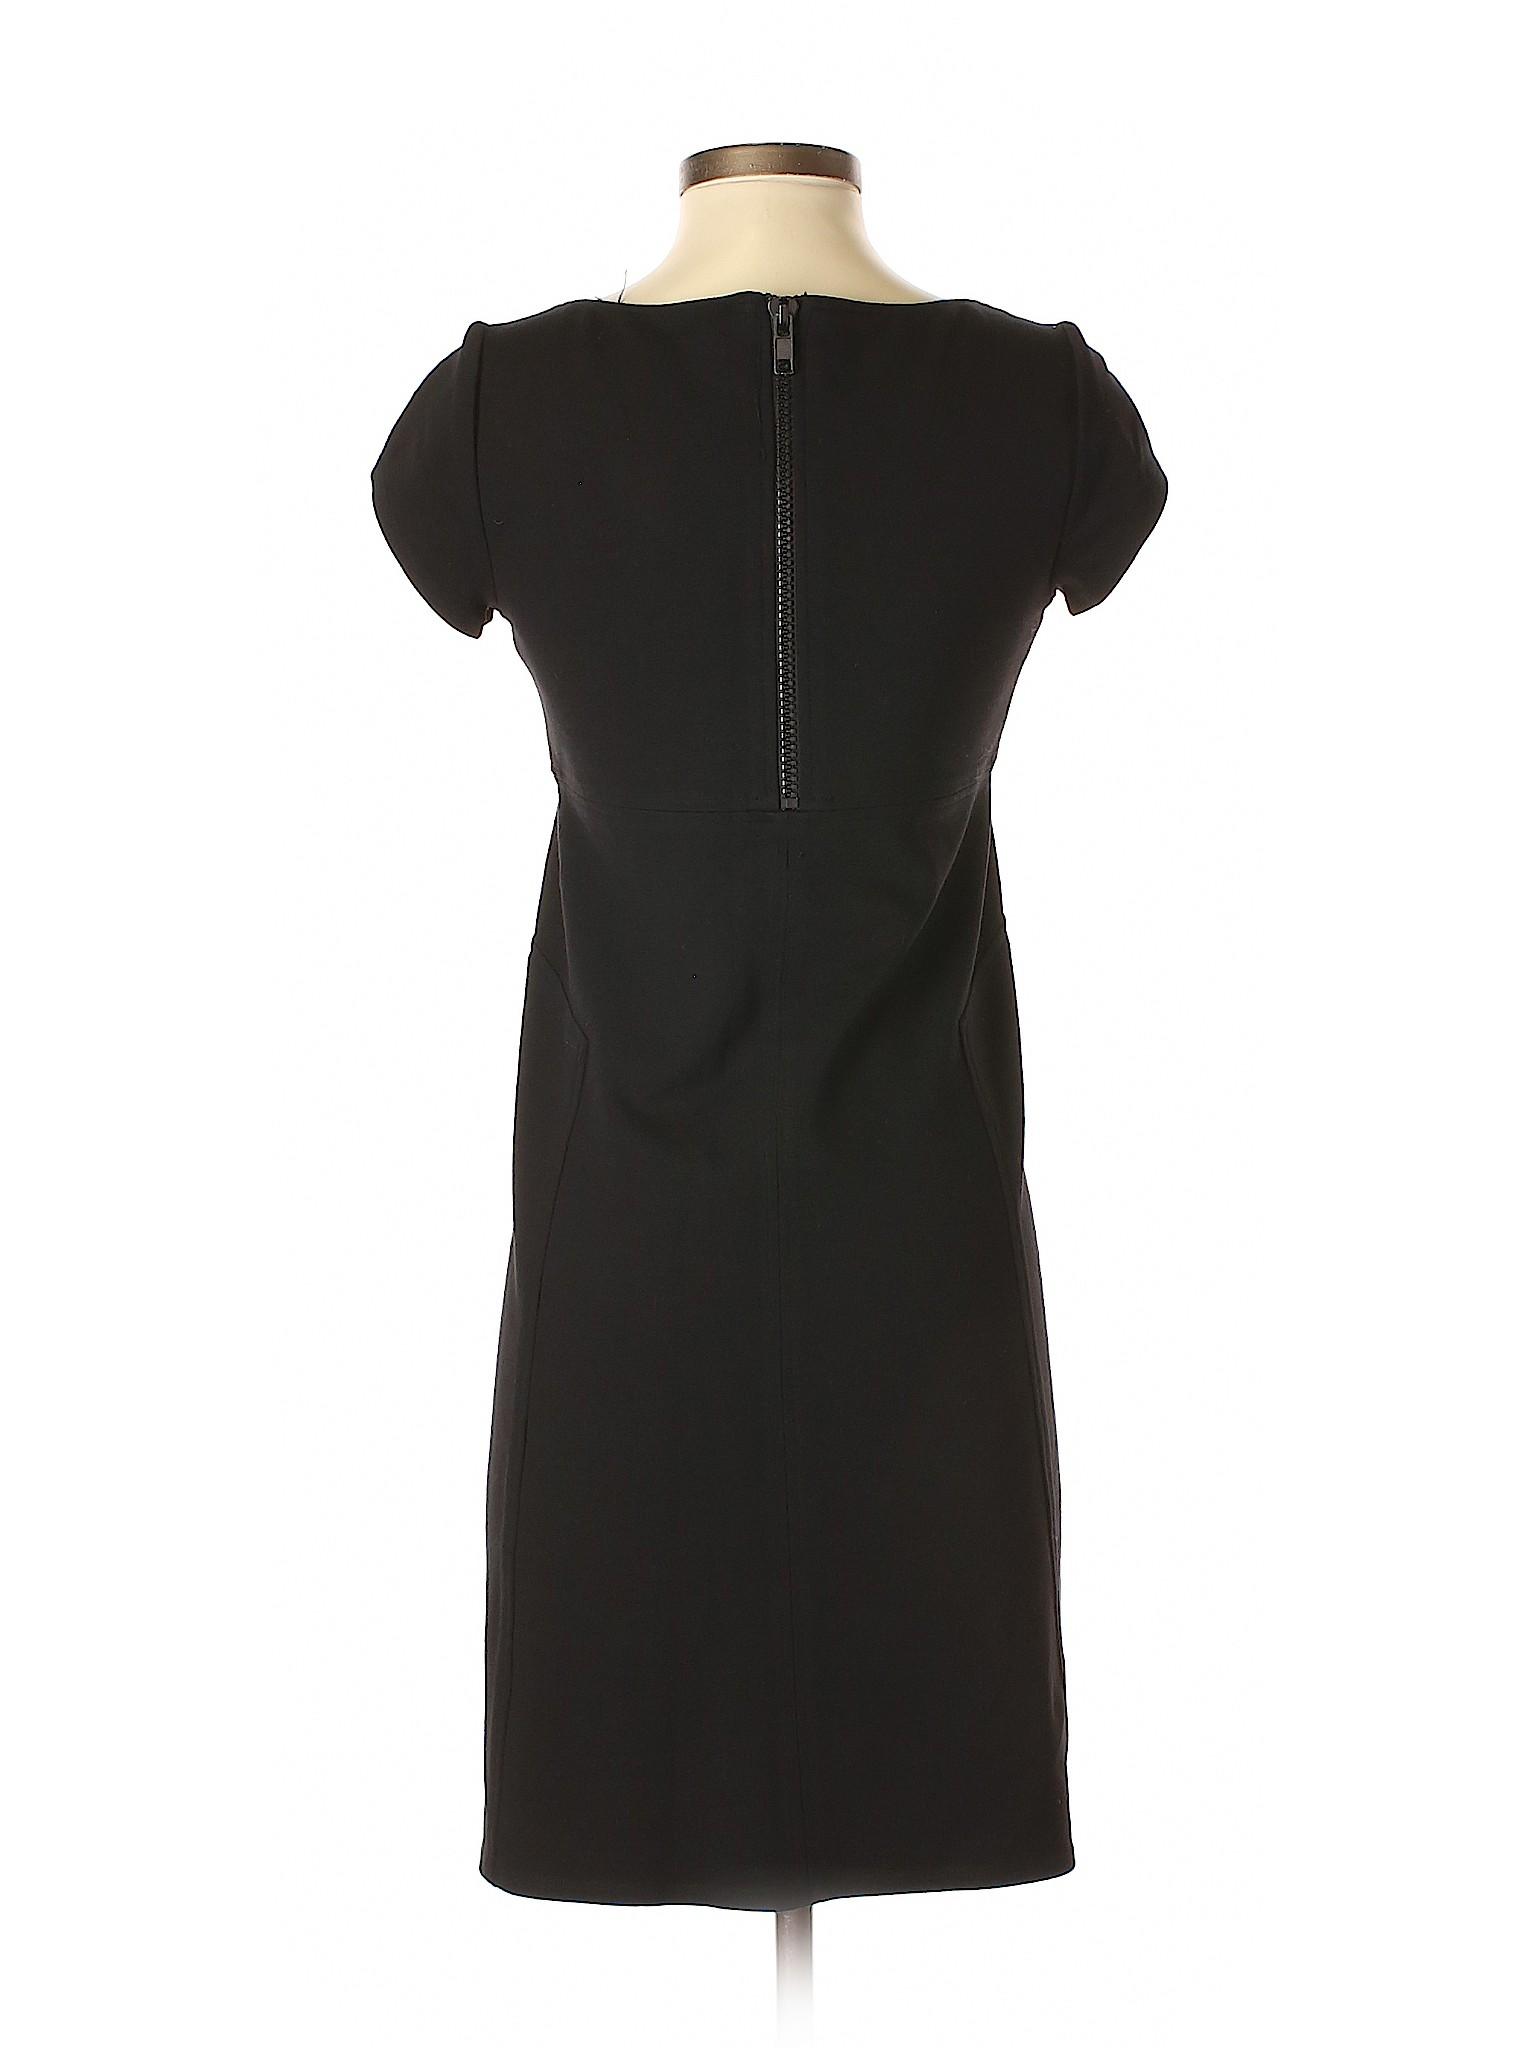 Diane Casual Boutique winter von Furstenberg Dress wqPSTwFcC